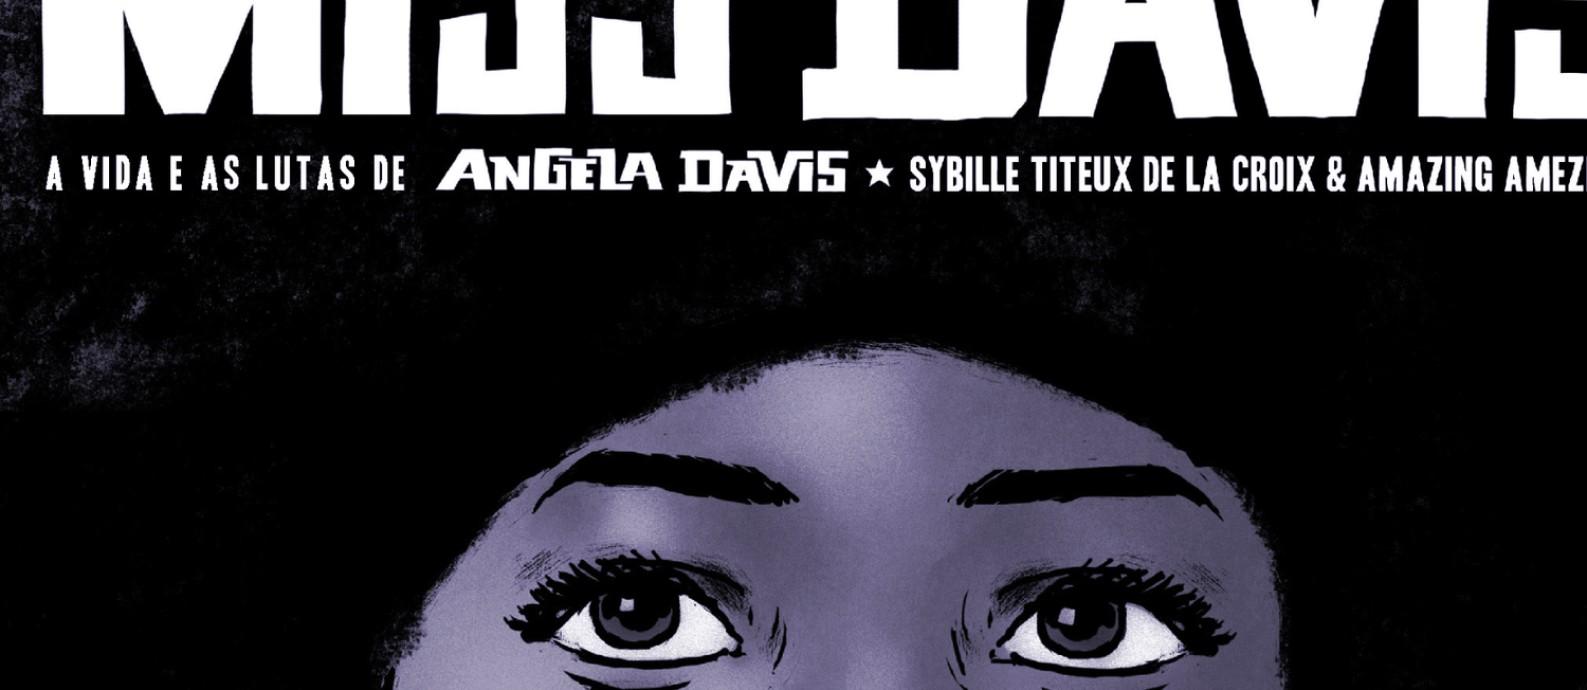 'Miss Davis: a vida e as lutas de Angela Davis' leva o leitor para o centro da luta por Direitos Civis nos EUA nos anos 1960 e 1970 Foto: Reprodução